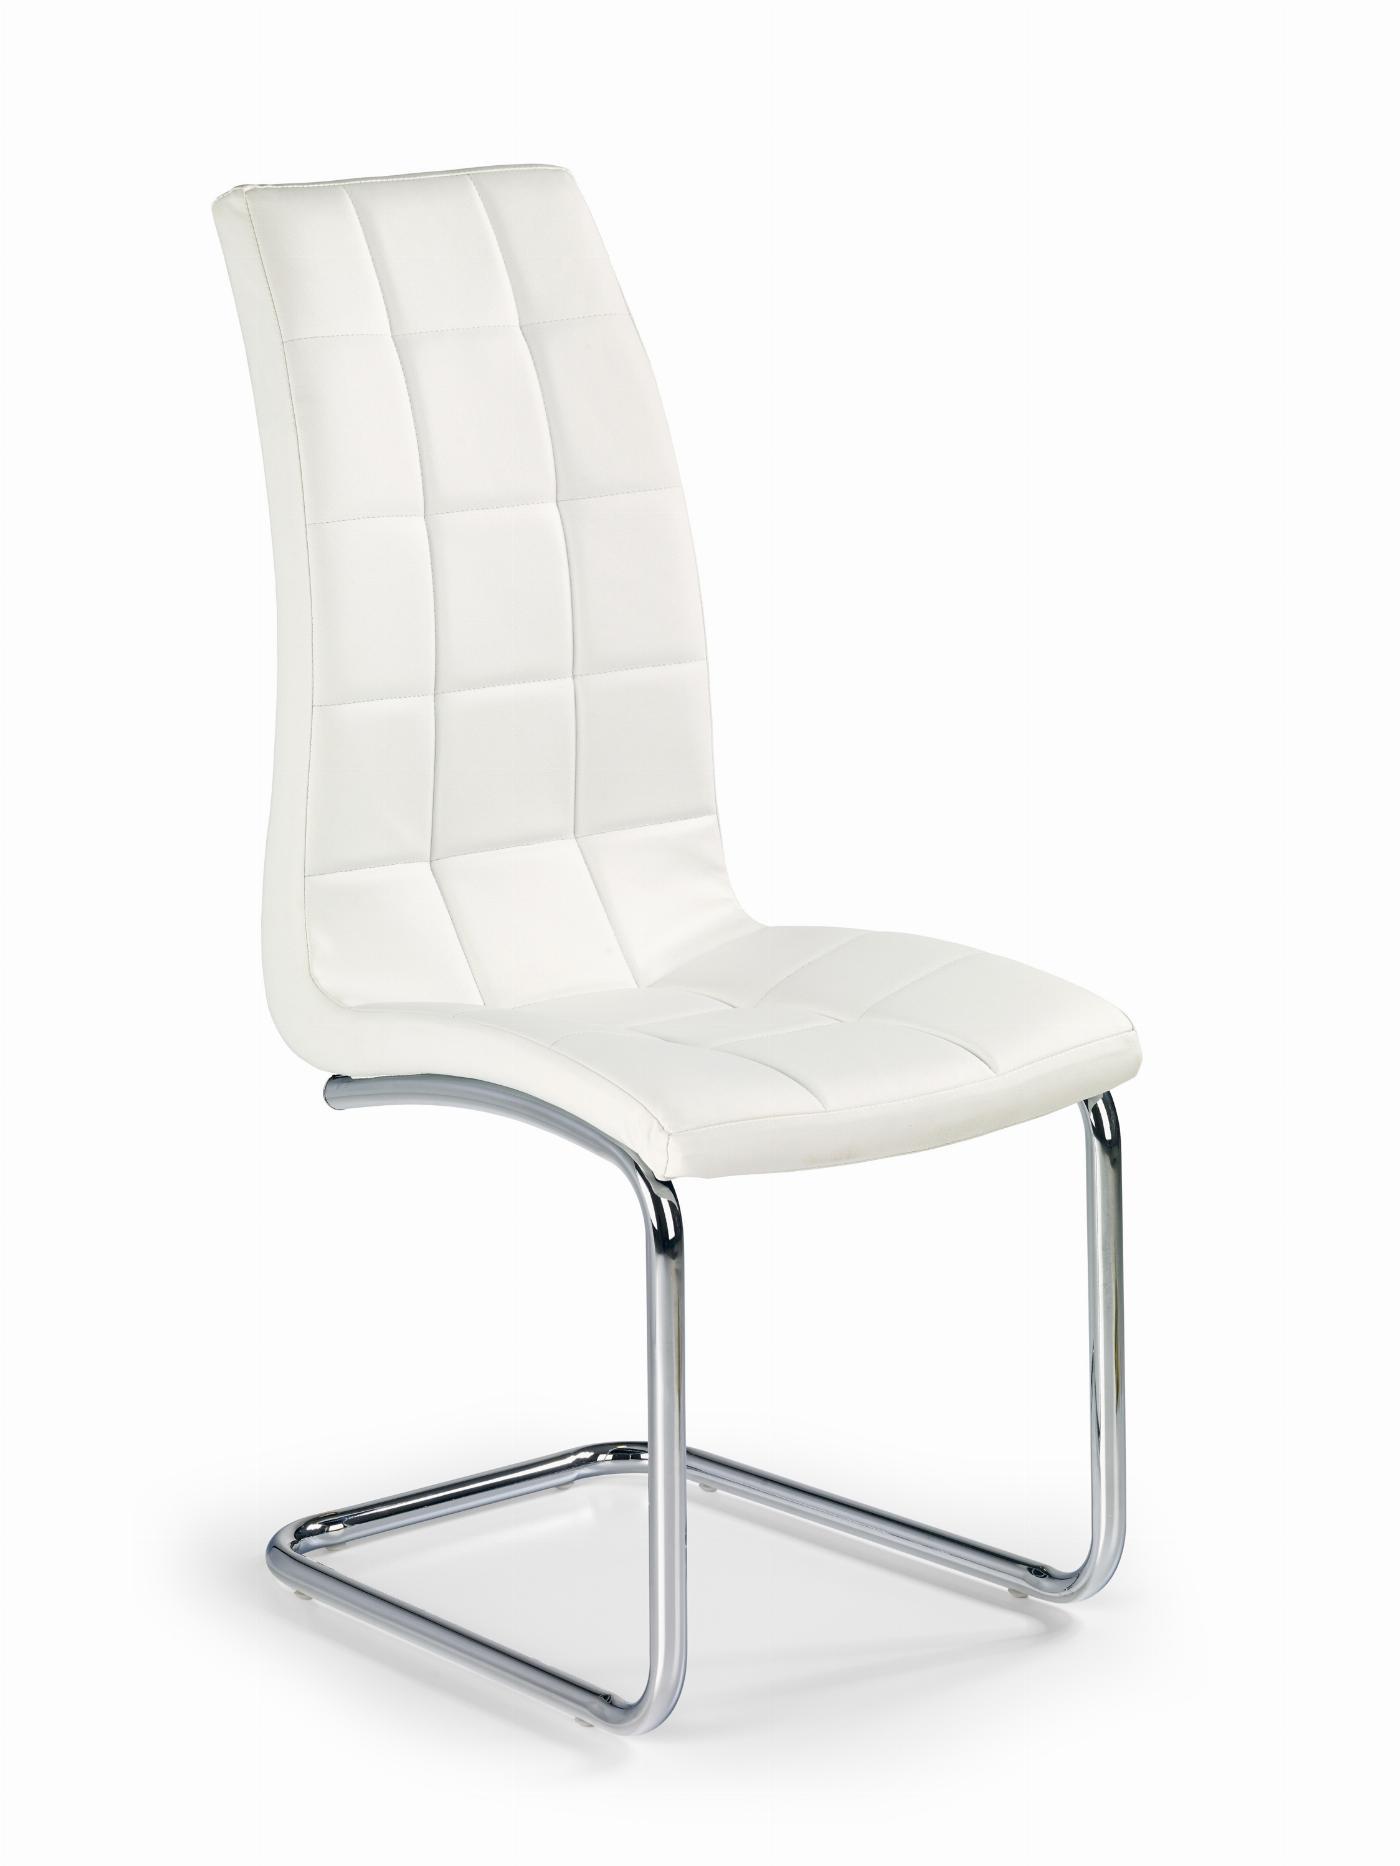 K147 krzesło biały (2p=4szt)